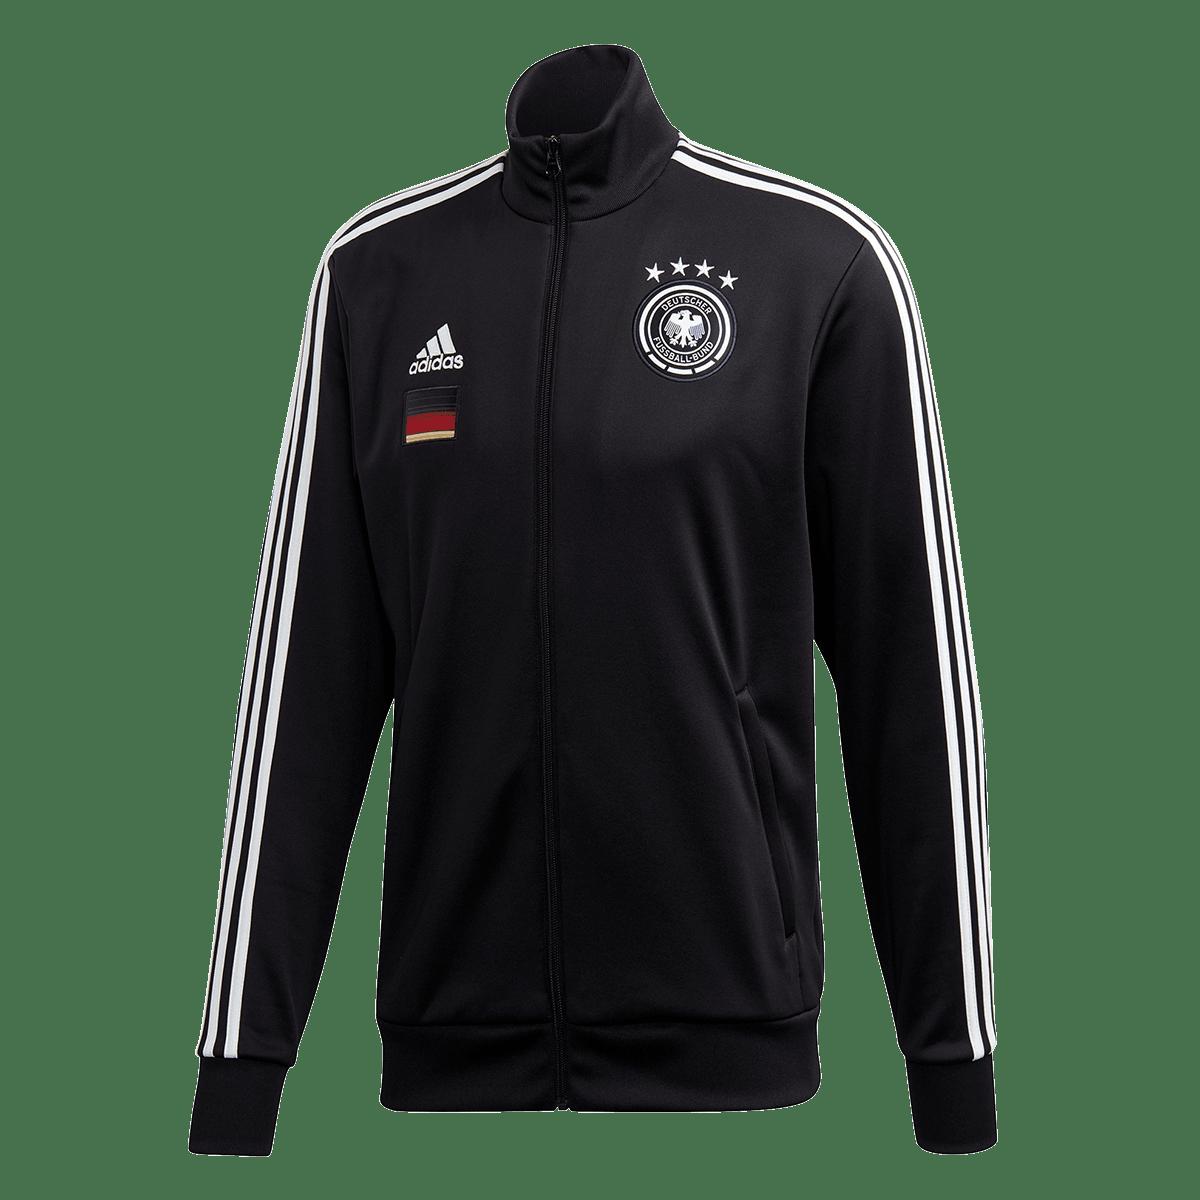 adidas Deutschland Trainingsjacke Track Top 3S Jacket schwarzweiß